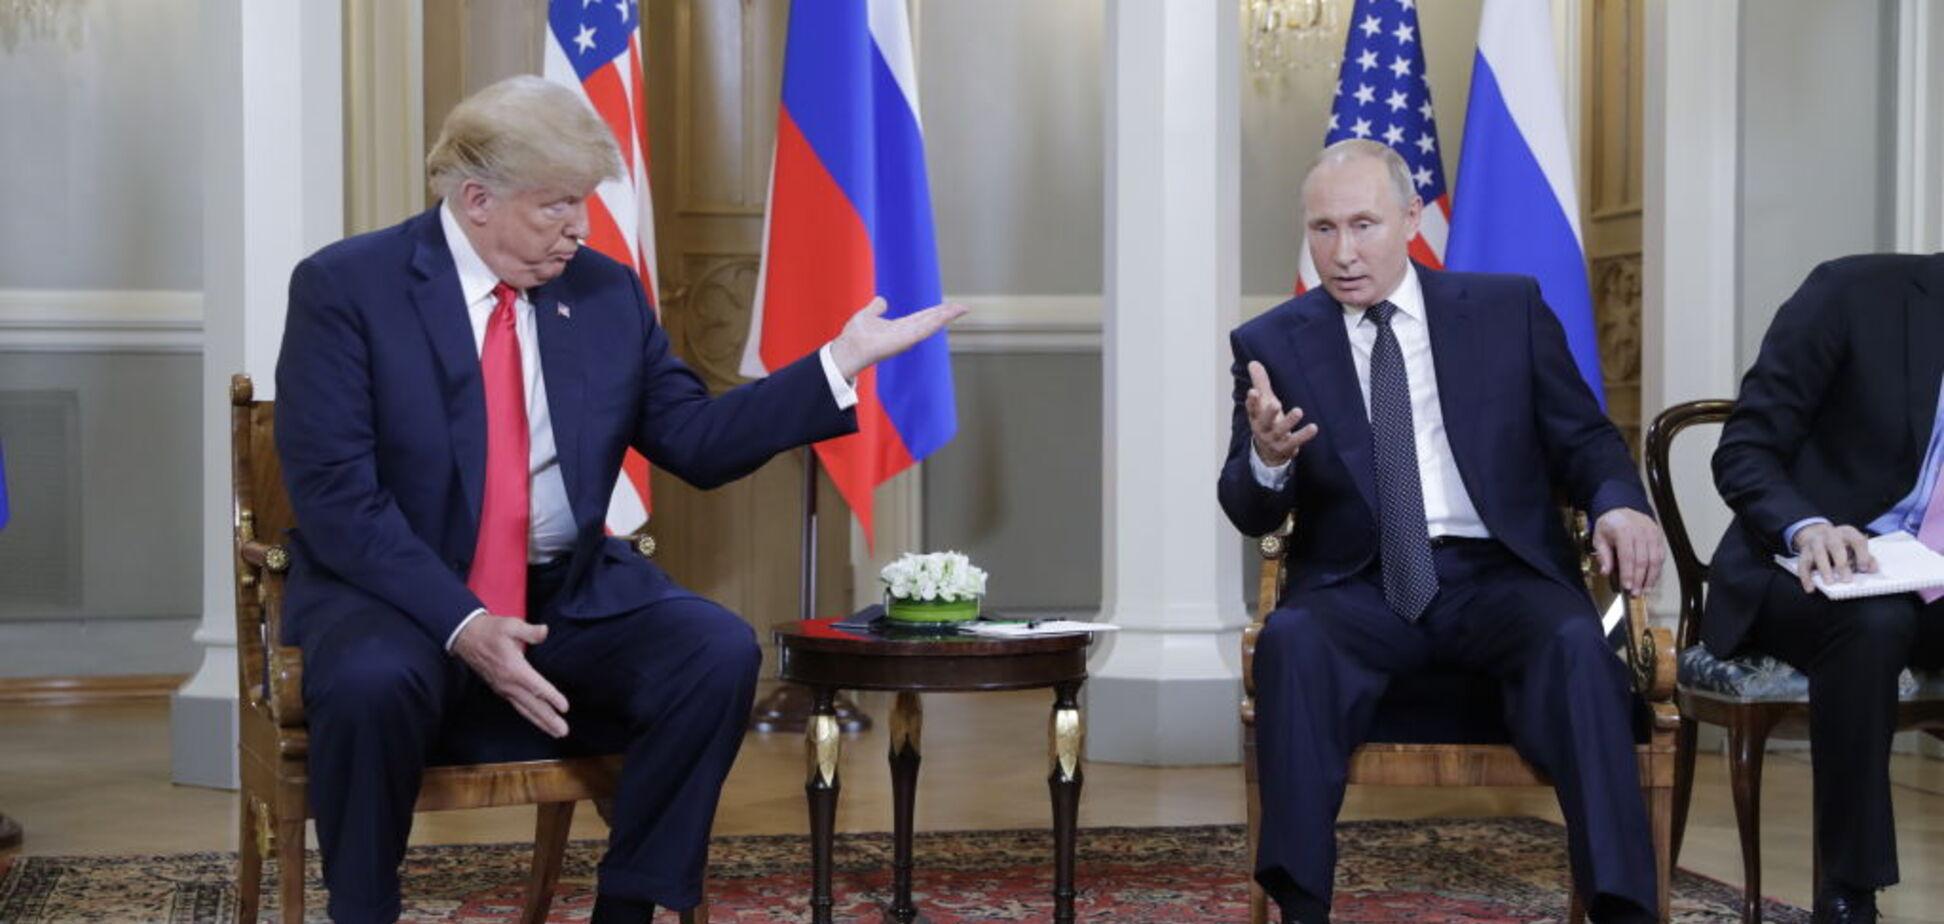 'Від горшка два вершка': підбори Путіна на зустрічі з Трампом заінтригували мережу